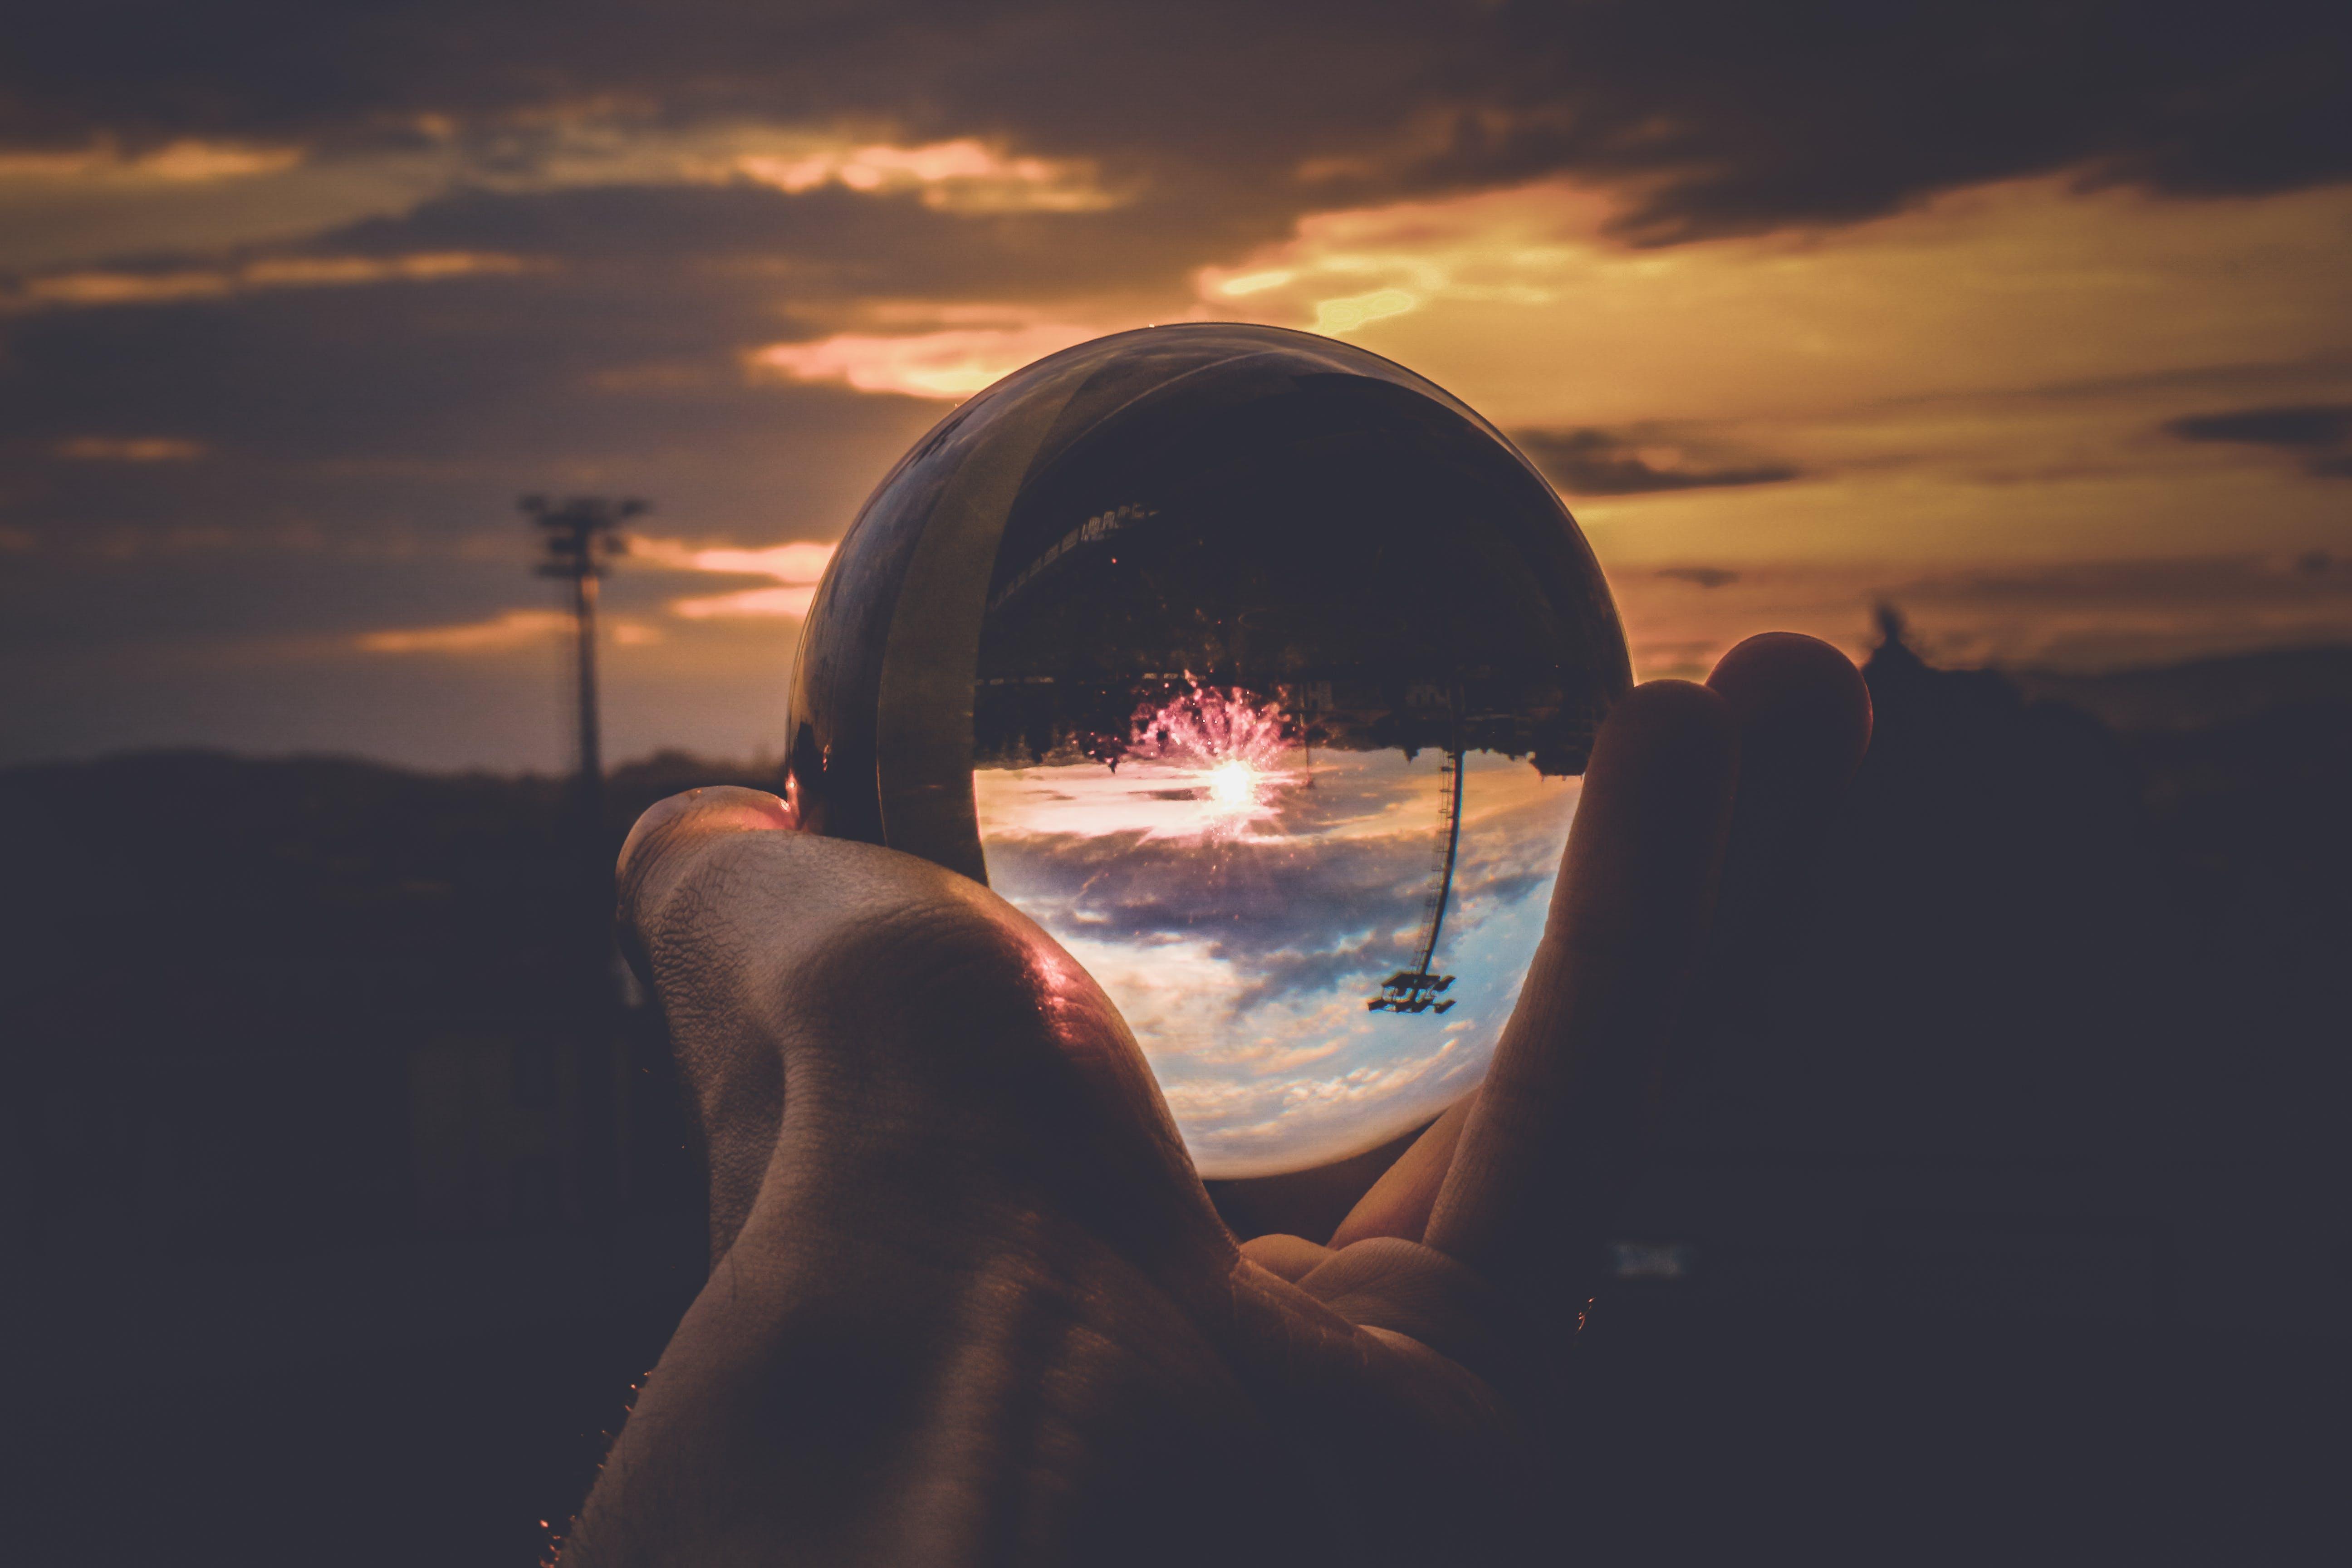 akşam, akşam Güneşi, altın rengi Güneş, bulutlar içeren Ücretsiz stok fotoğraf